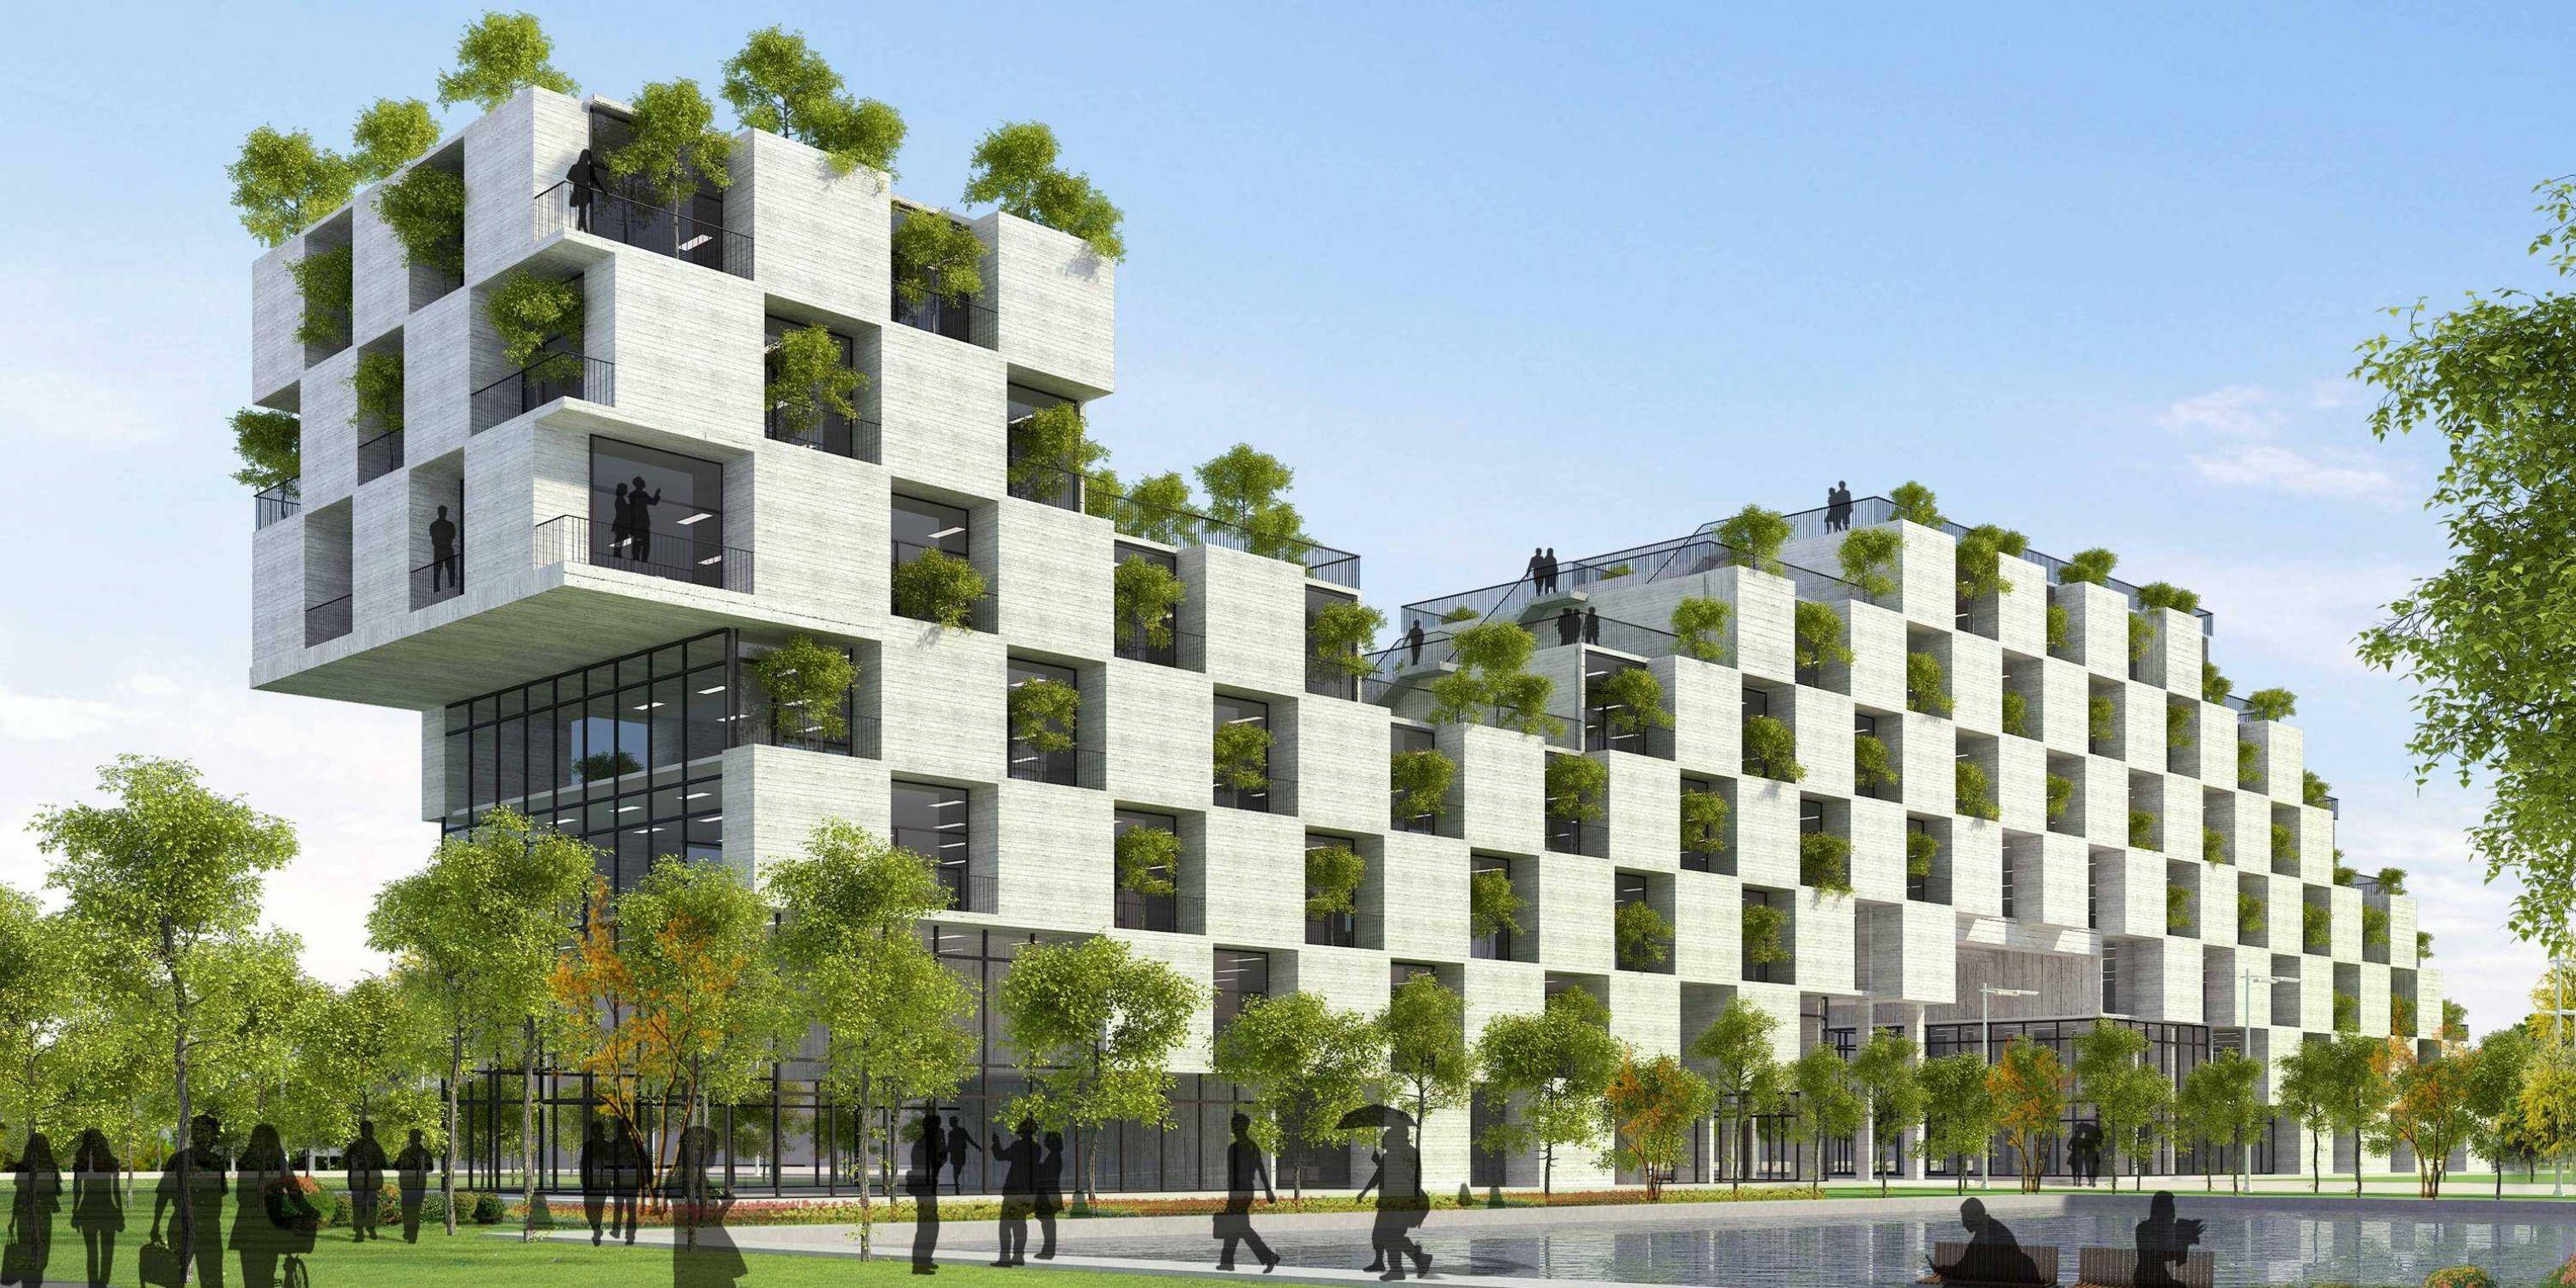 Futuristic Architecture School Http Wuuzzz Com Futuristic